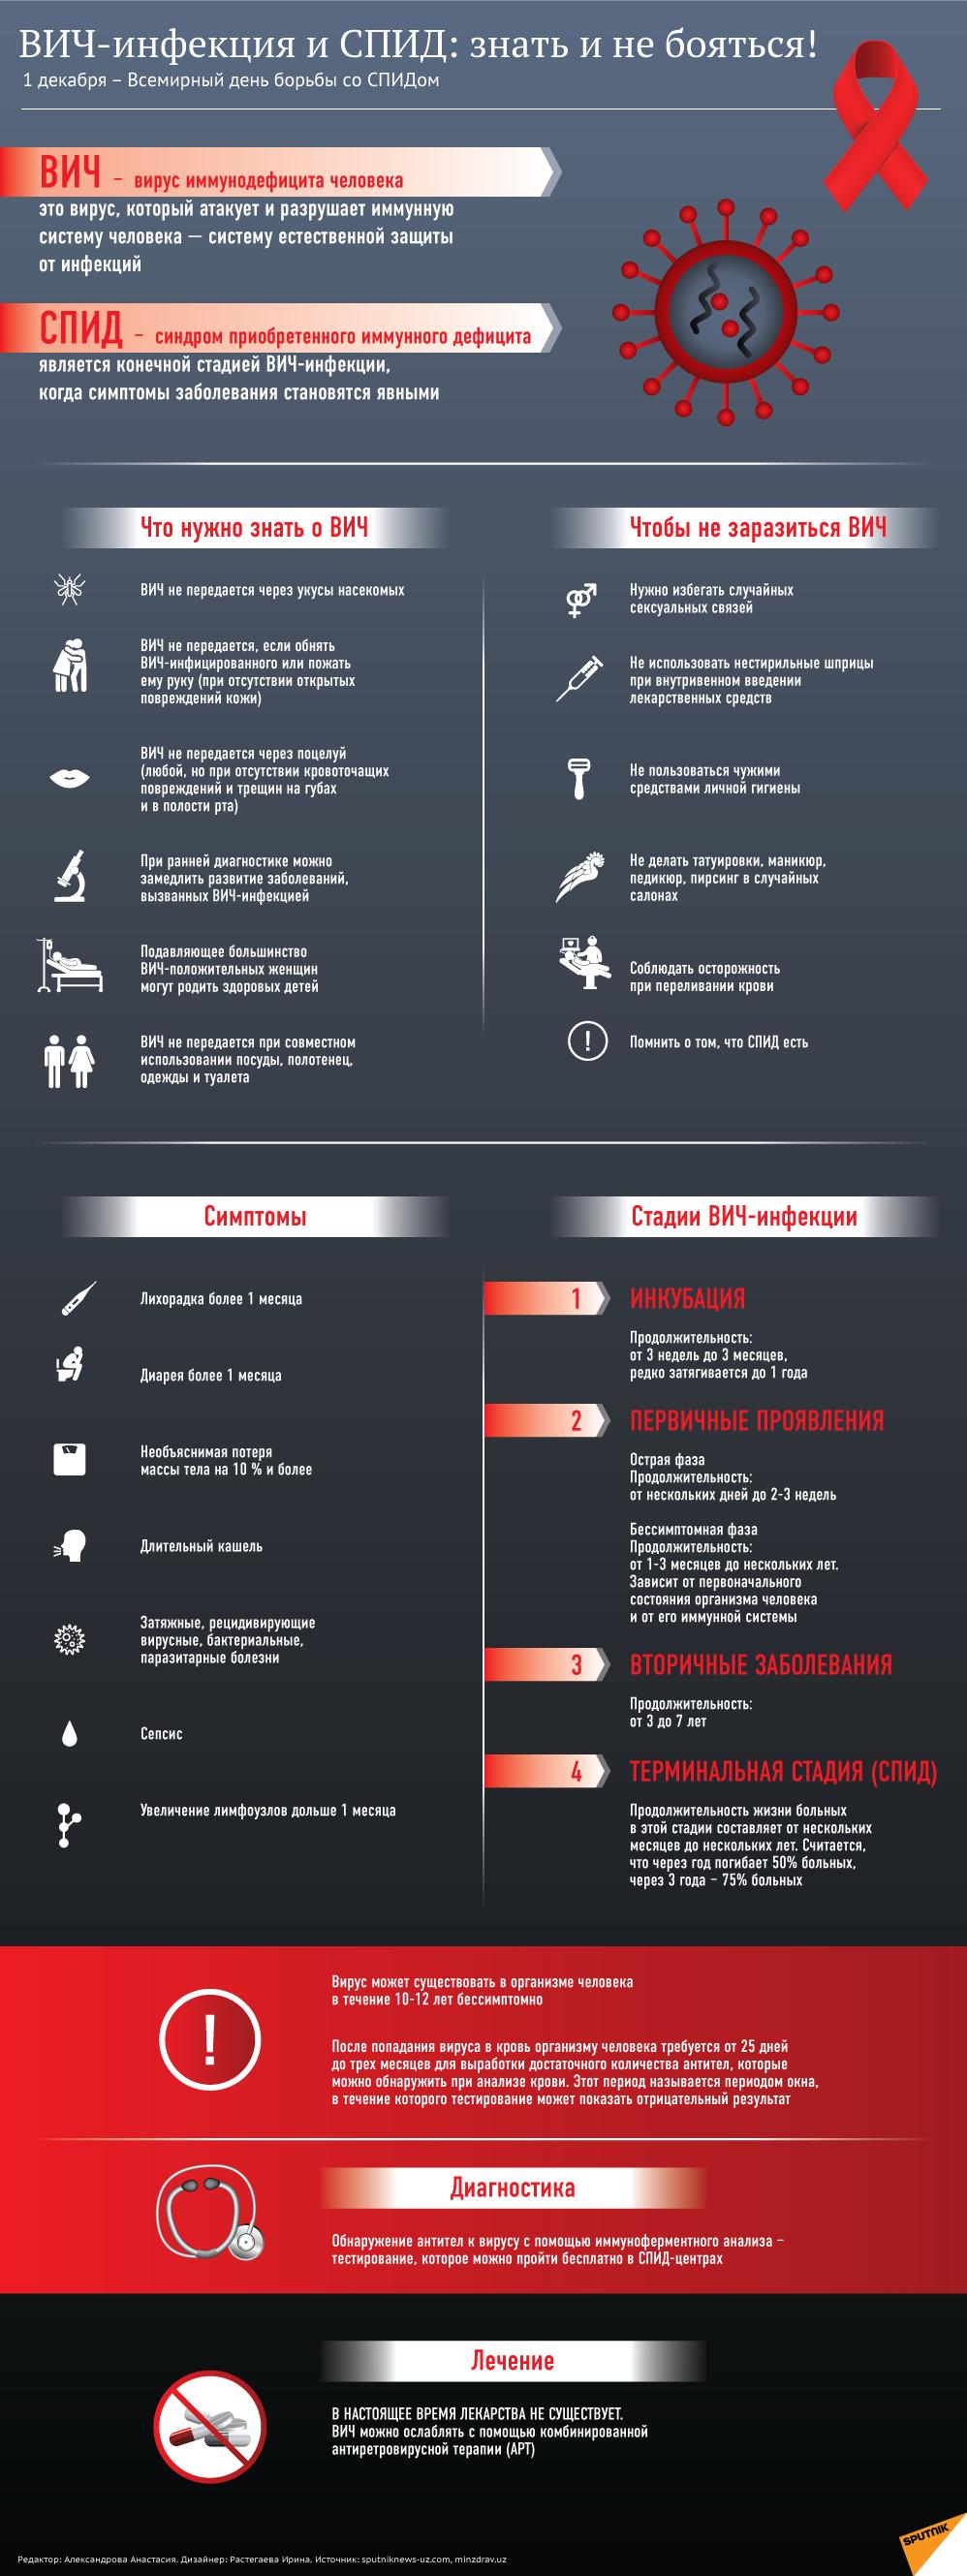 ВИЧ-инфекция и СПИД: знать и не бояться